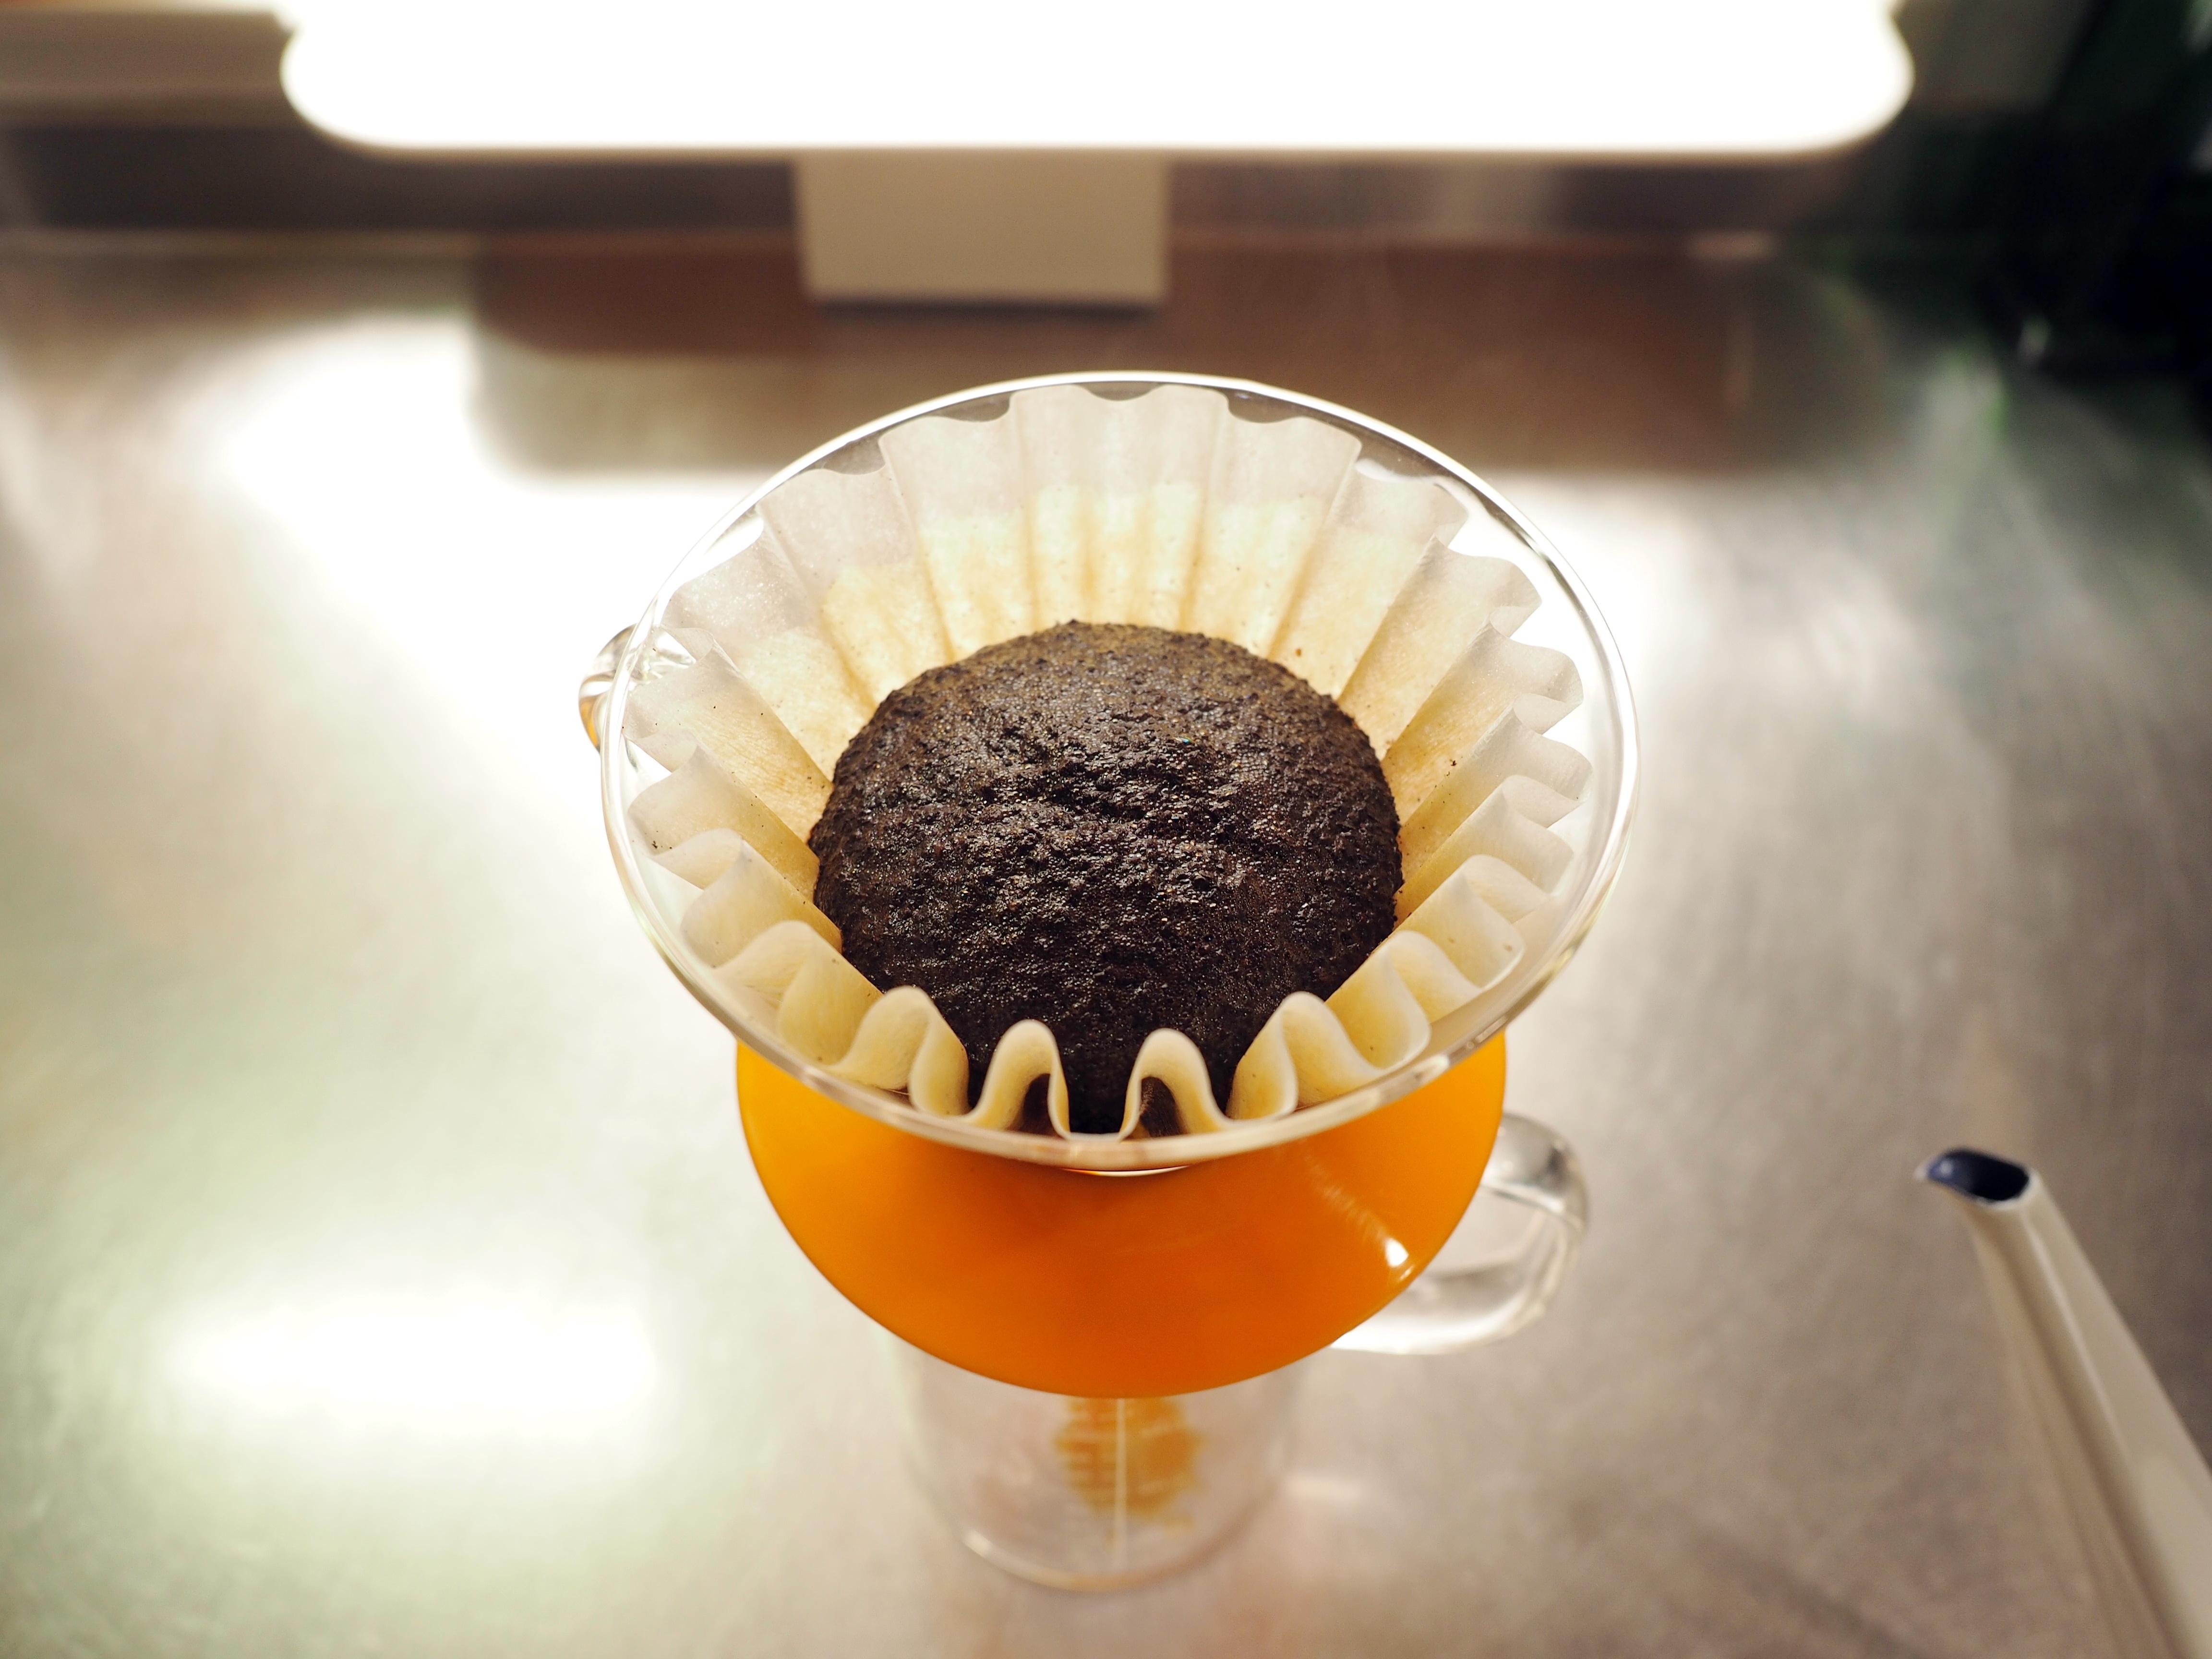 楽天で購入のコーヒー豆「コガメコーヒー」の『極上カビなしコーヒー豆』_蒸らし中